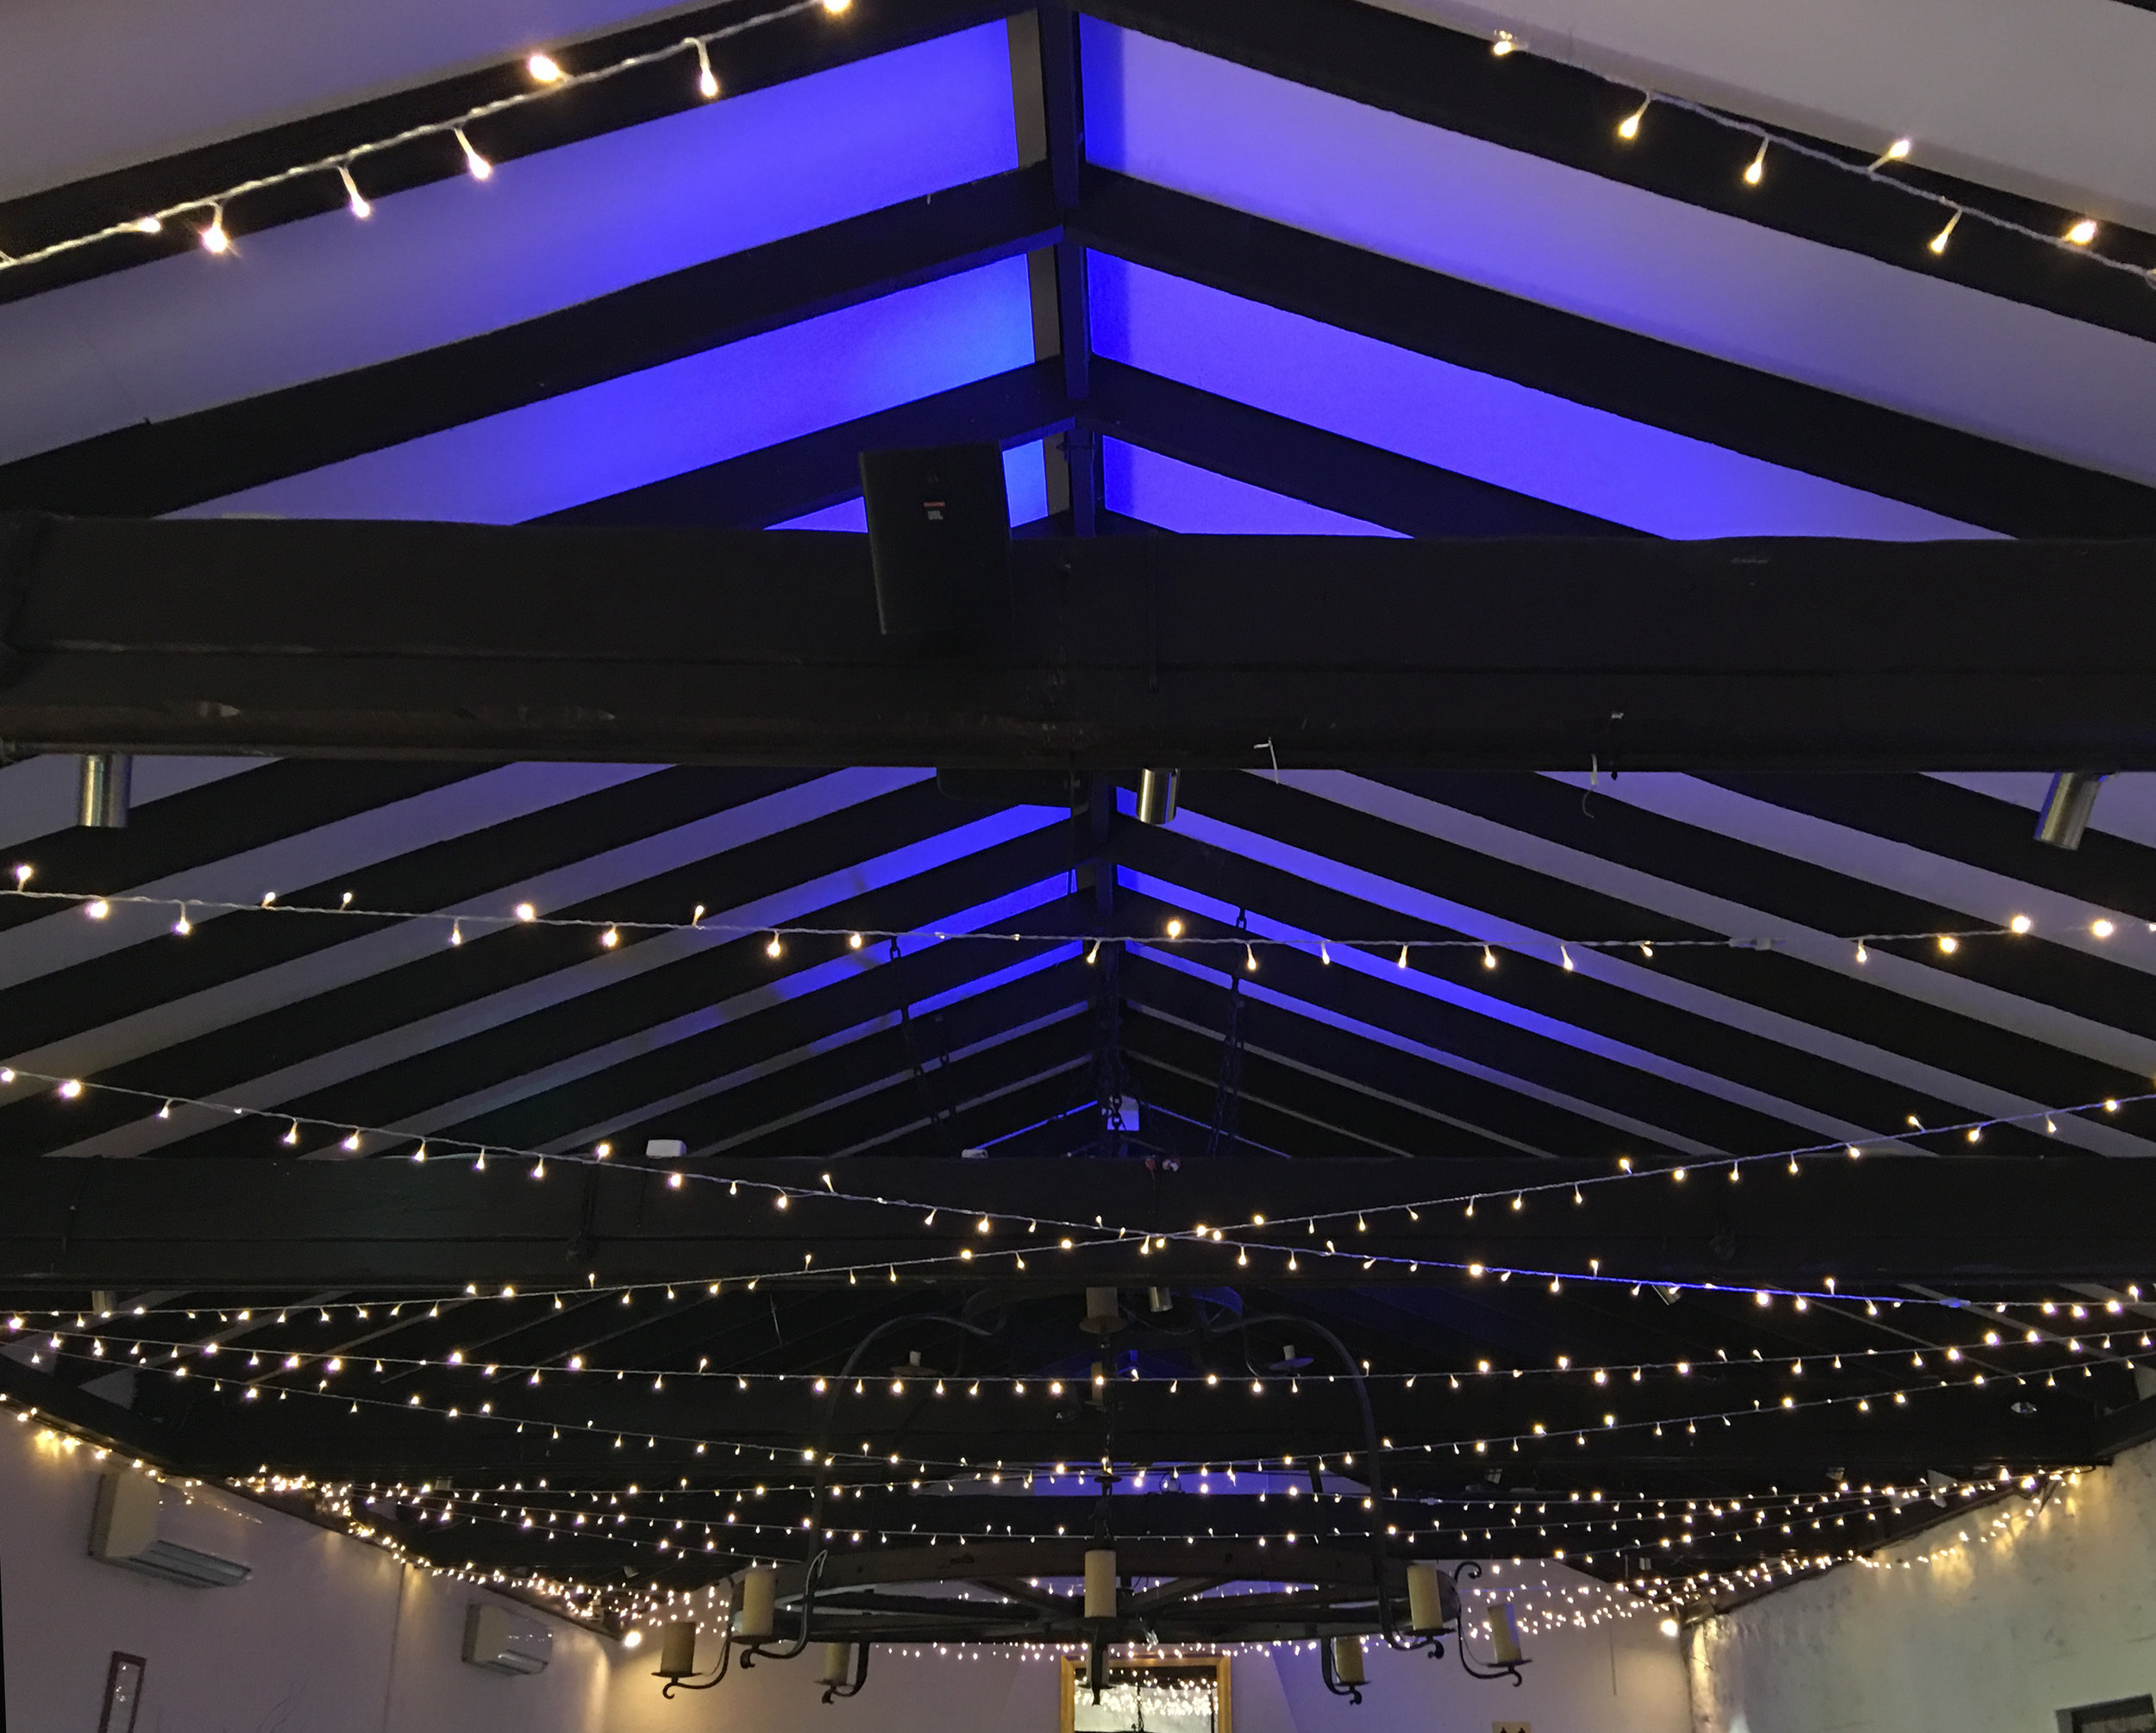 LightsBlue copy.jpg